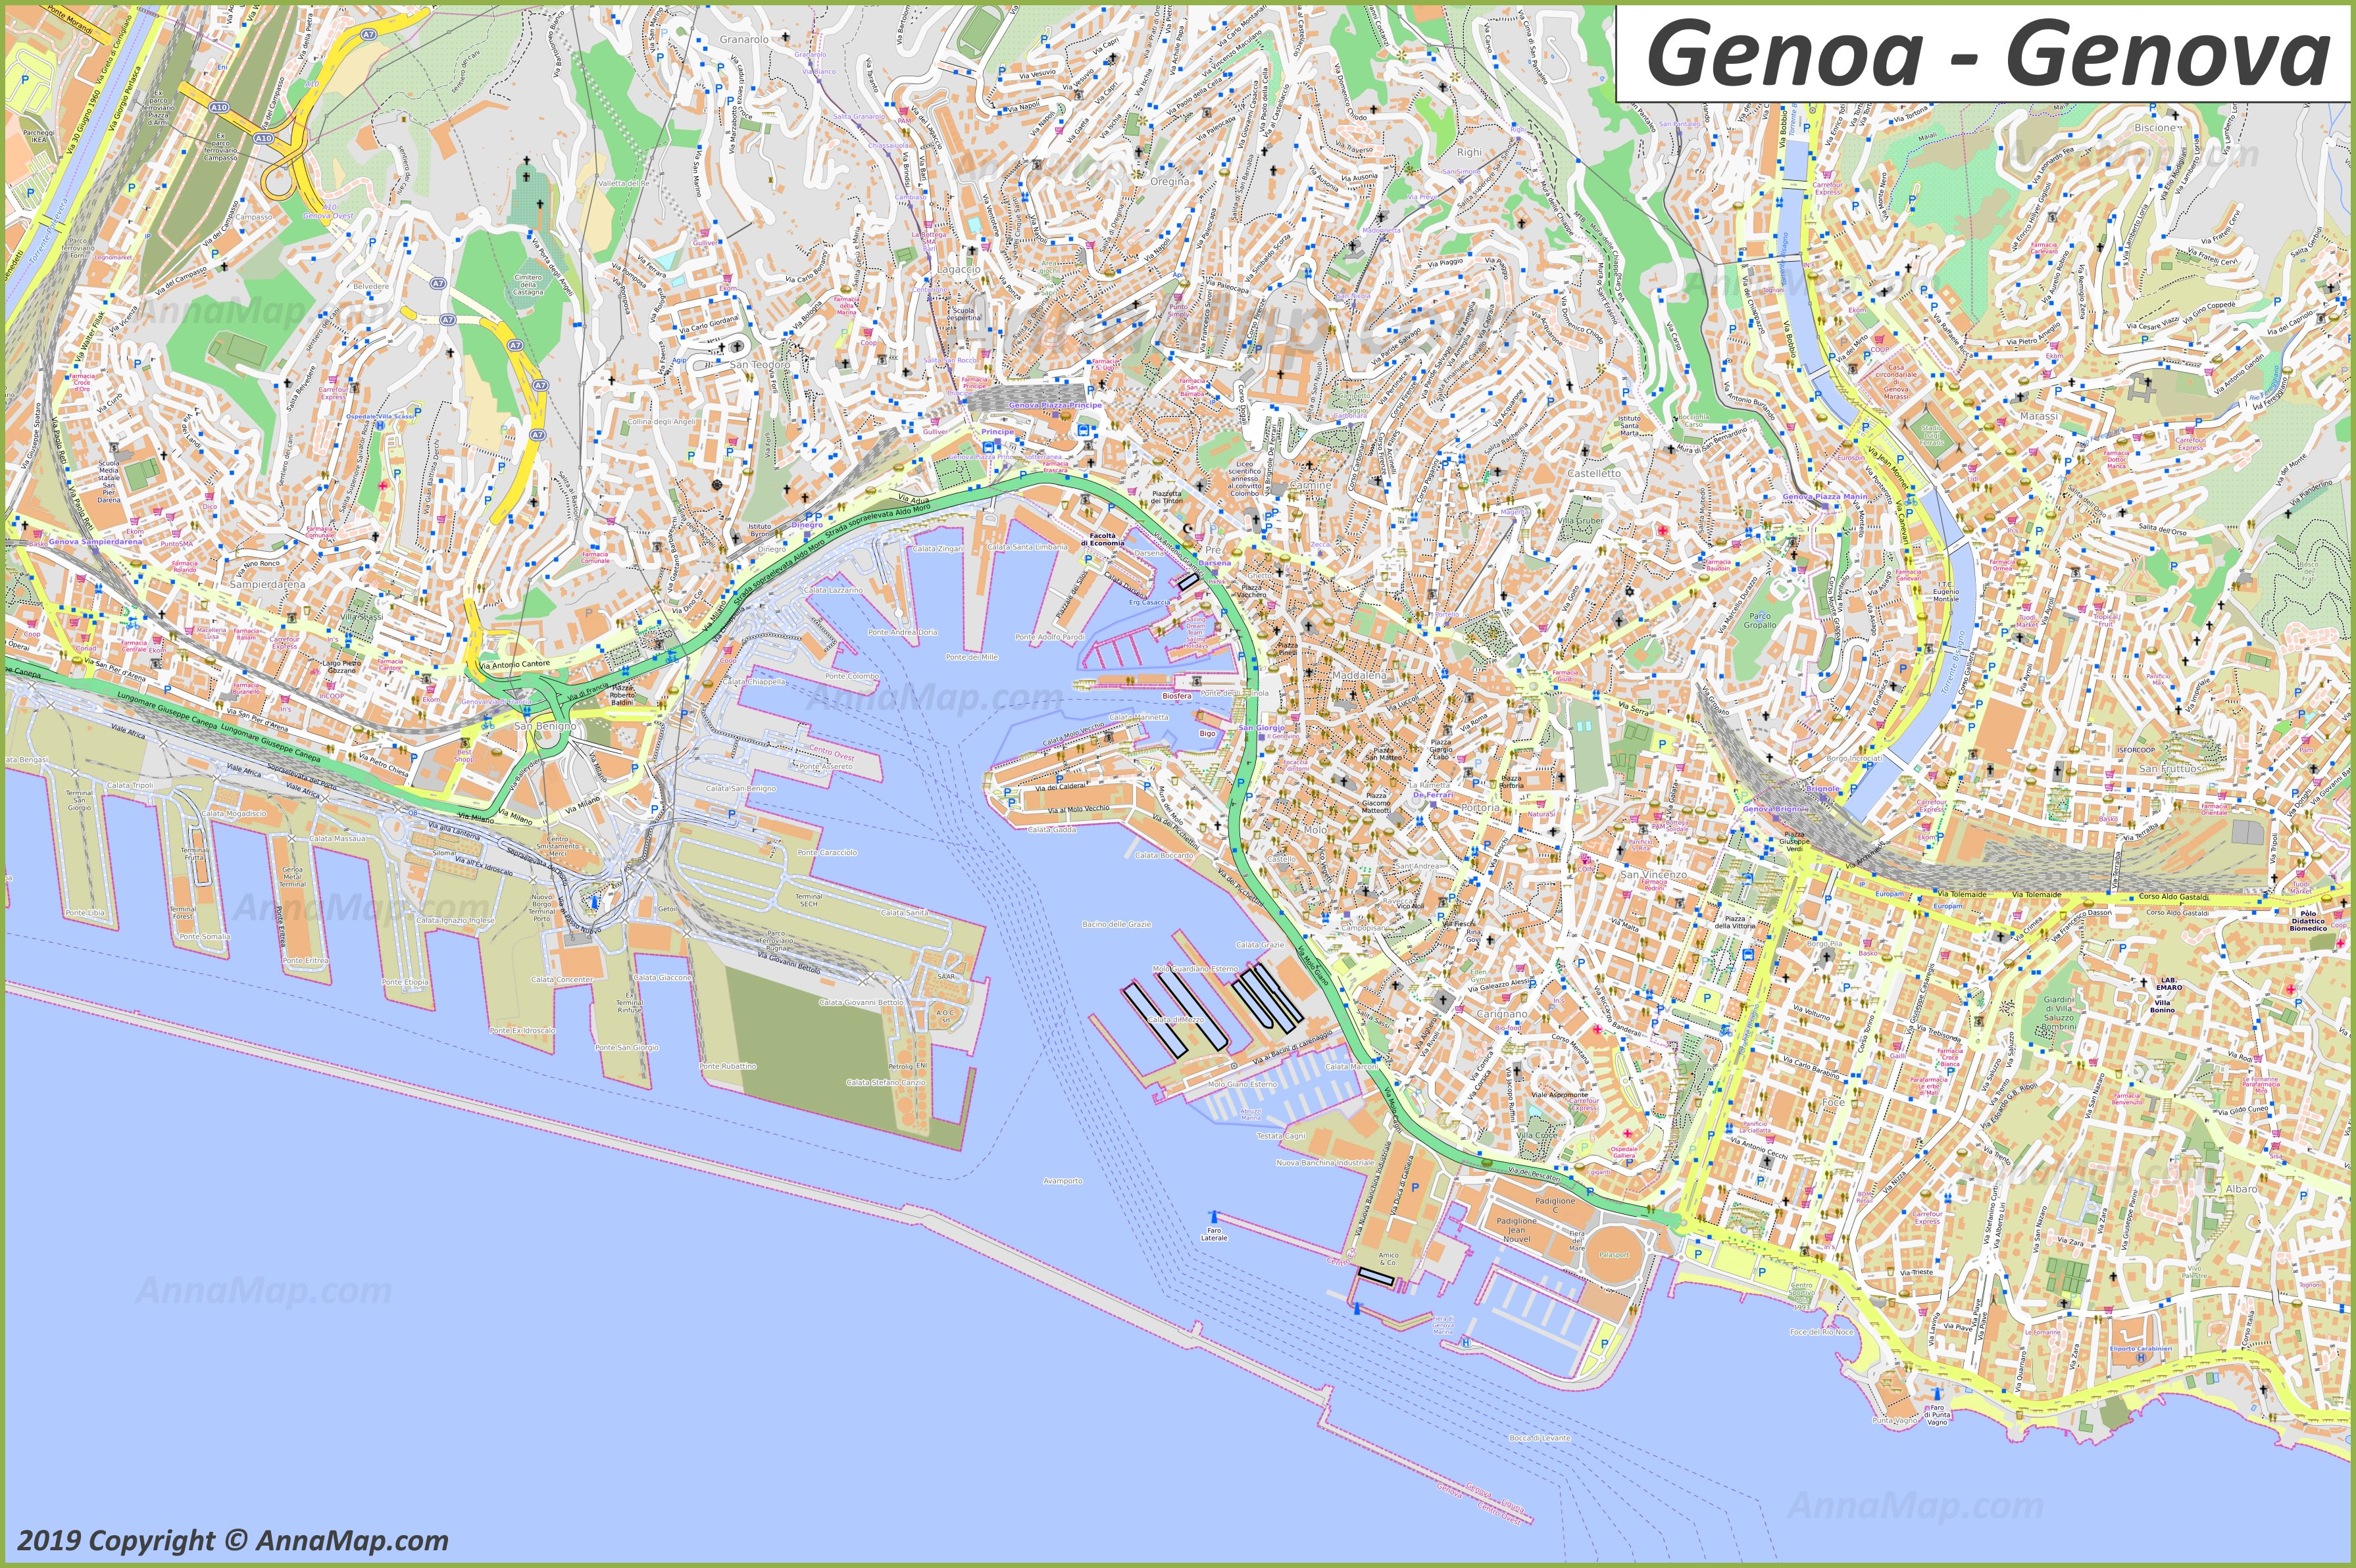 Cartina Toscana Dettagliata Da Stampare.Mappe Turistiche Dettagliate Di Genova Italia Mappe Stampabili Gratuite Di Genova Annamappa Com